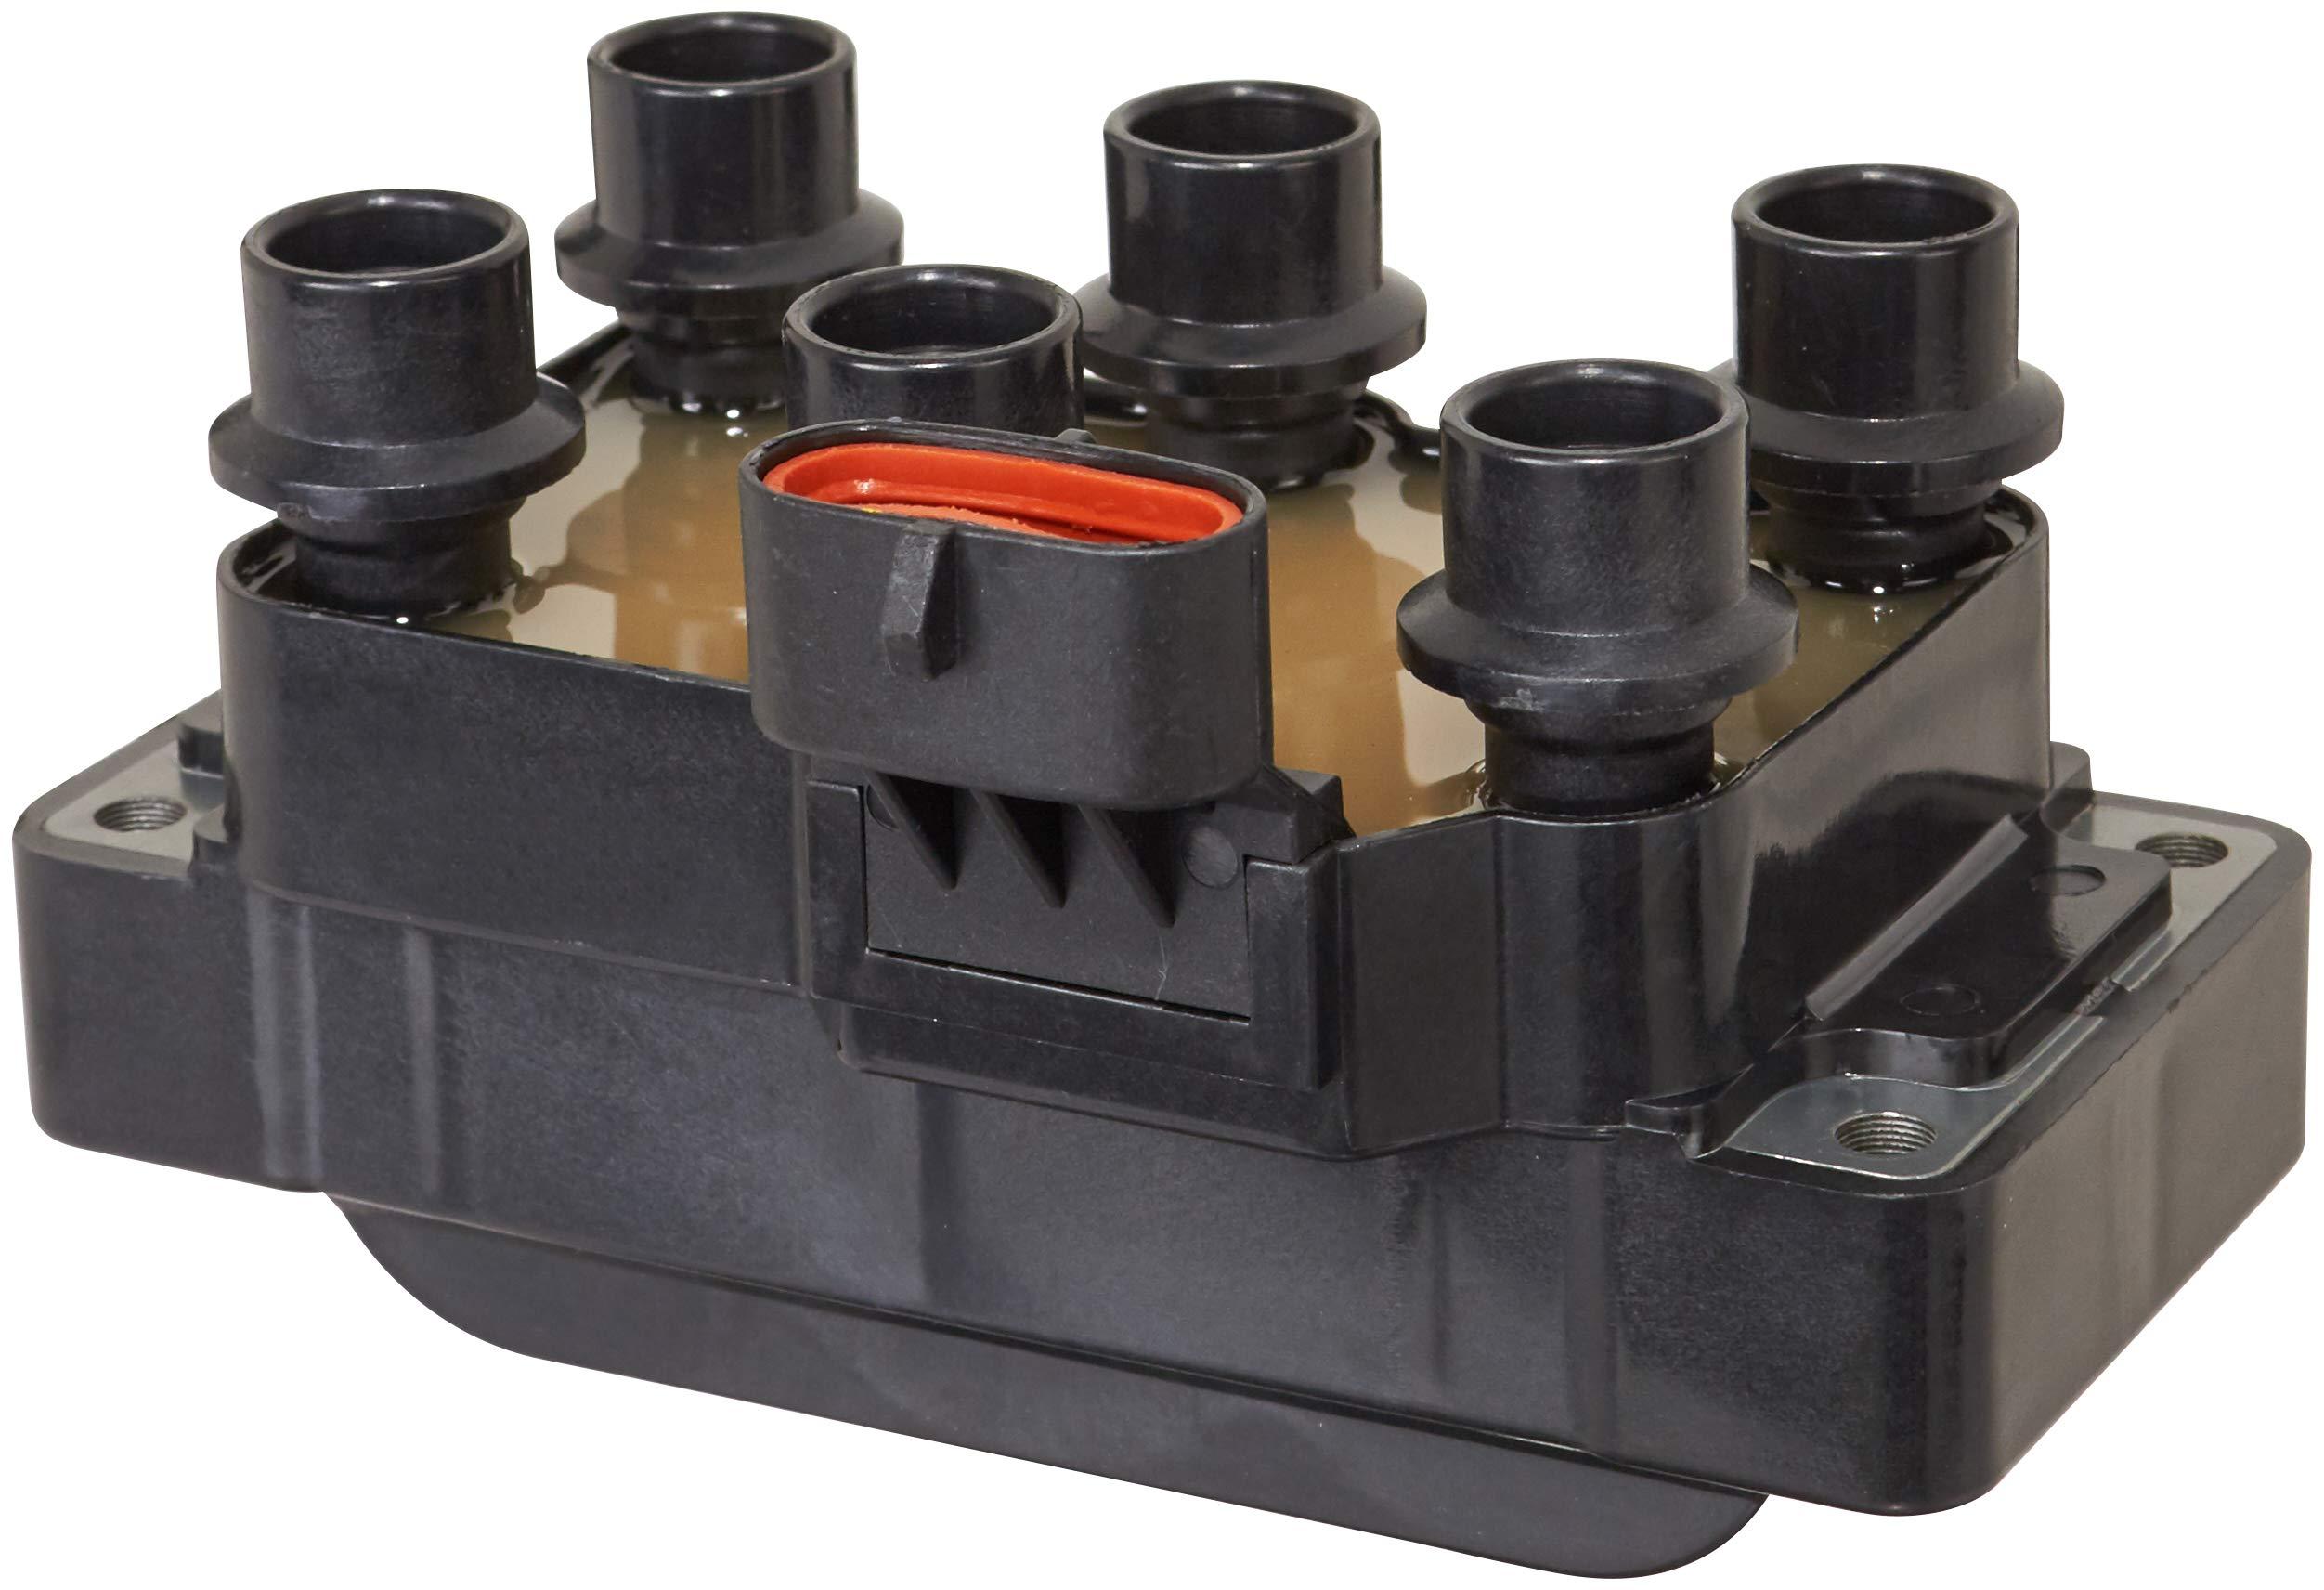 Spectra Premium C-505 Ignition Coil Pack